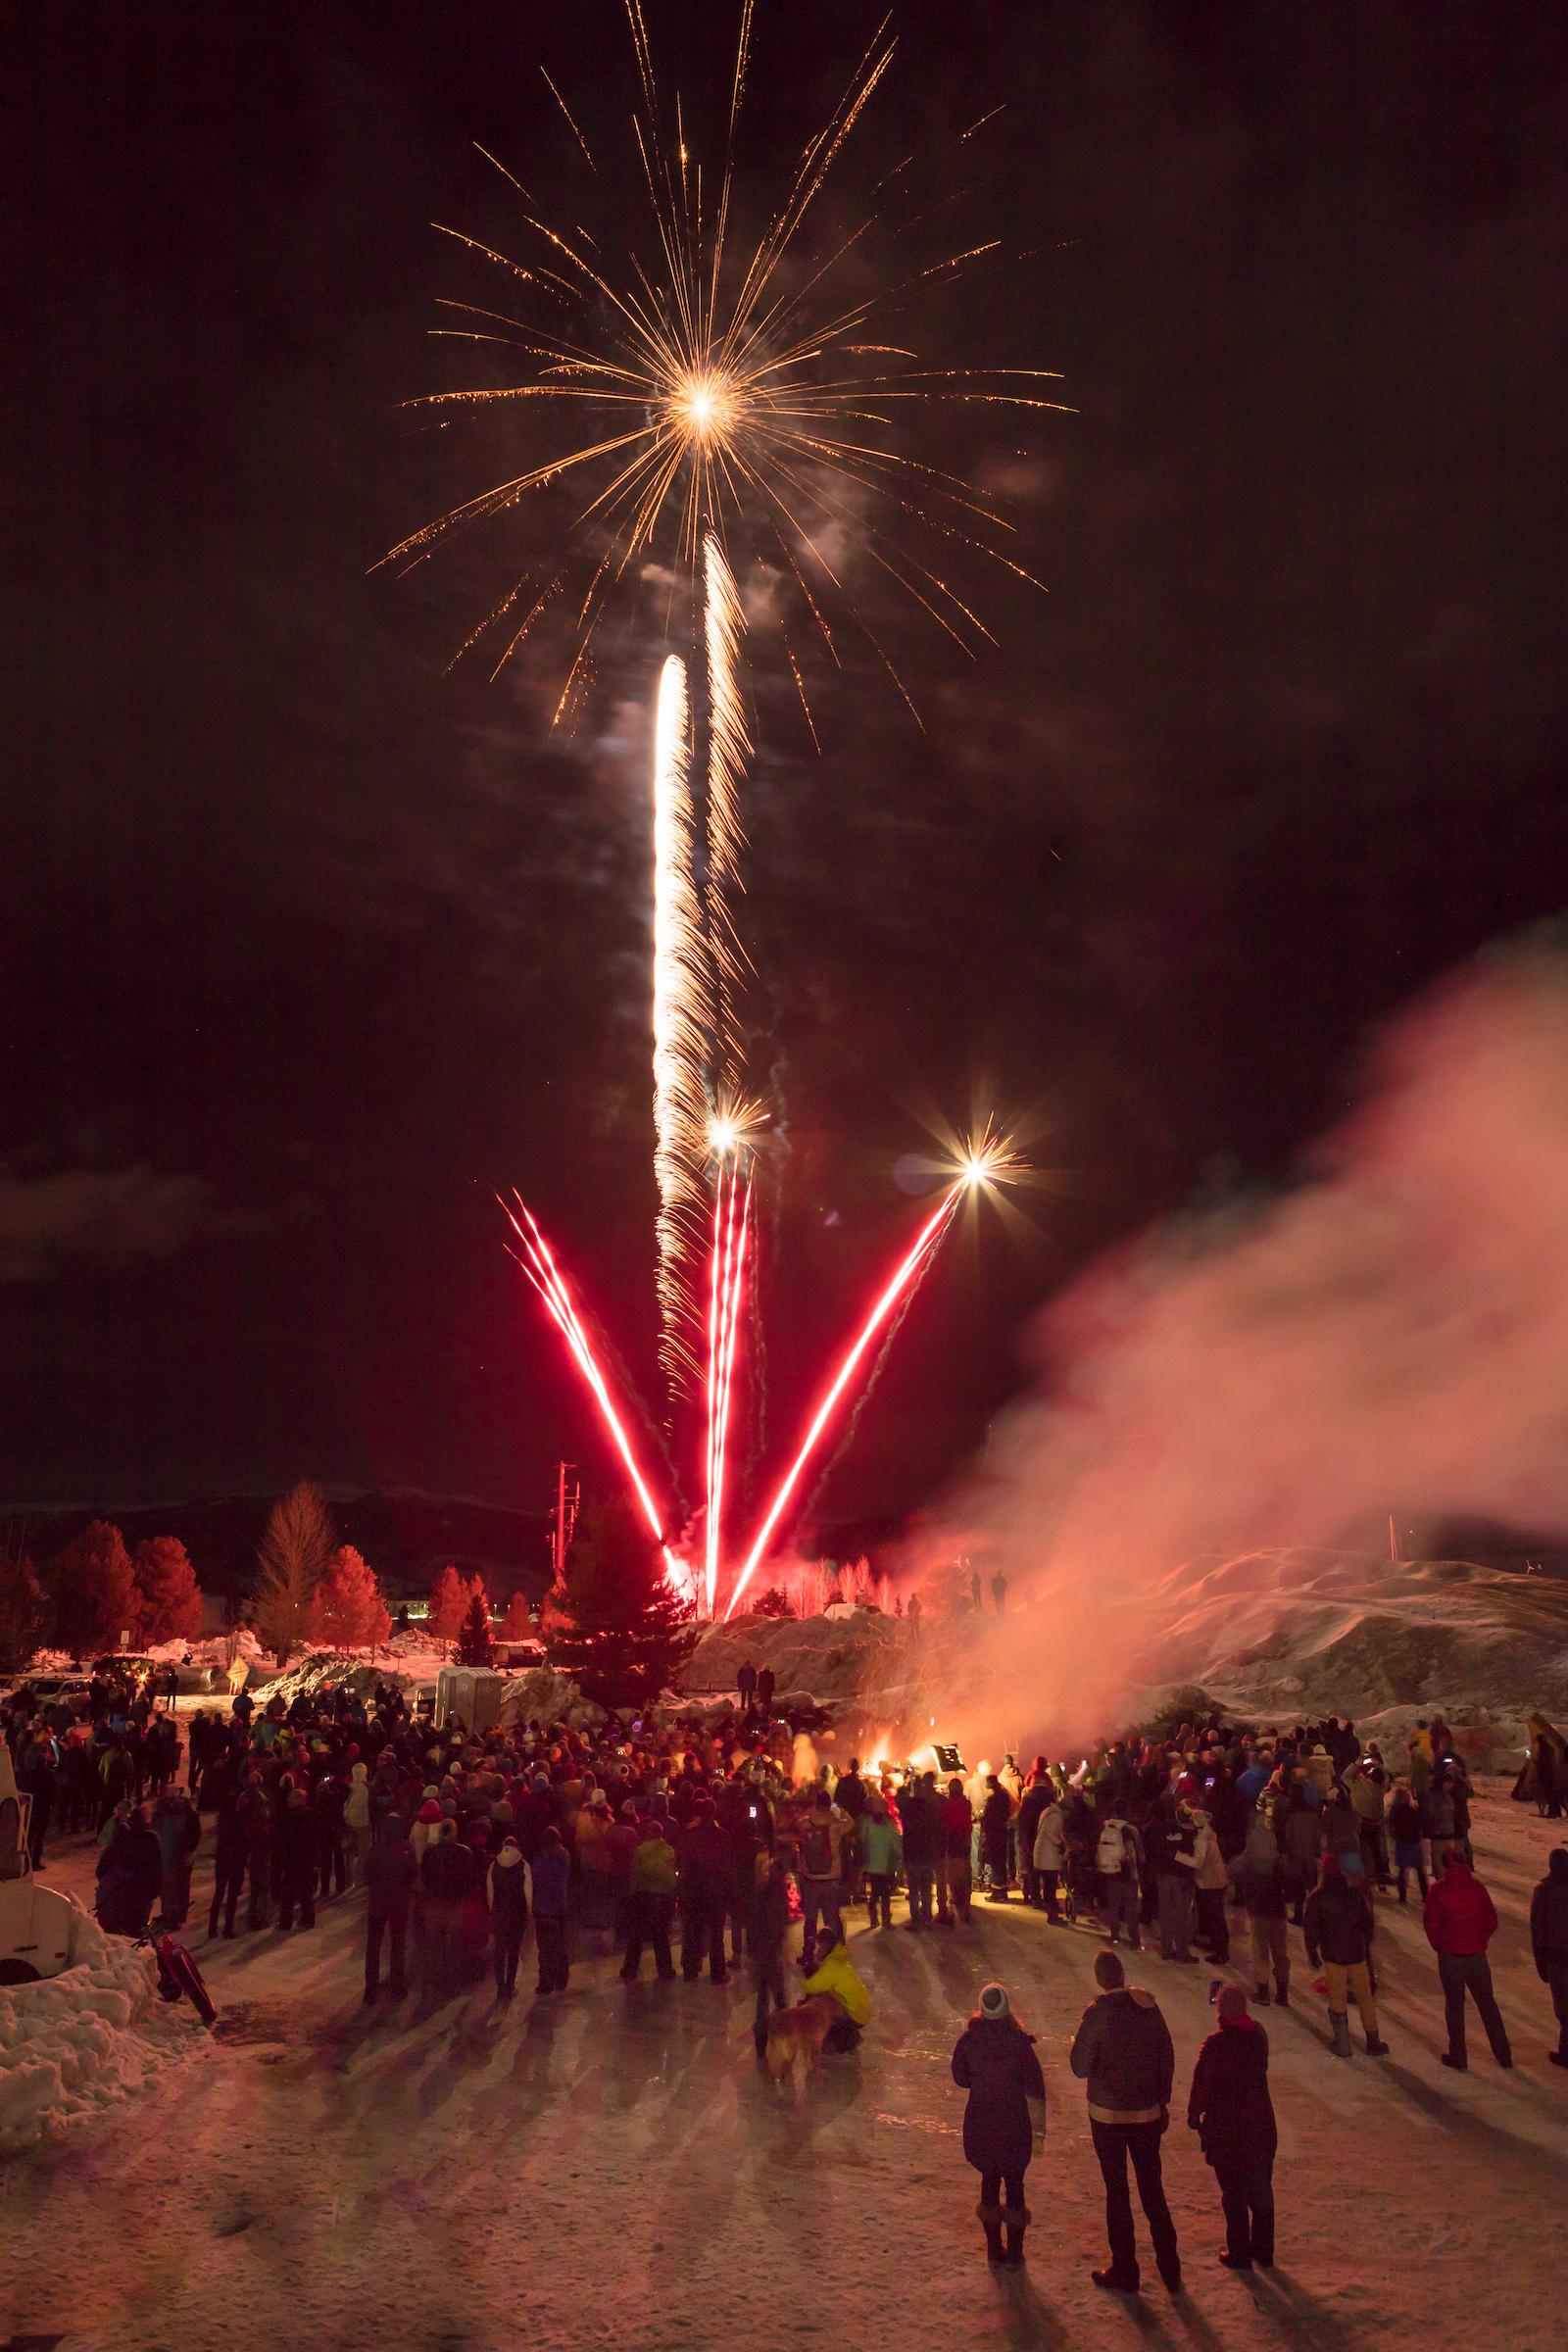 Frisco Spontaneous Combustion Celebration, Frisco, Colorado